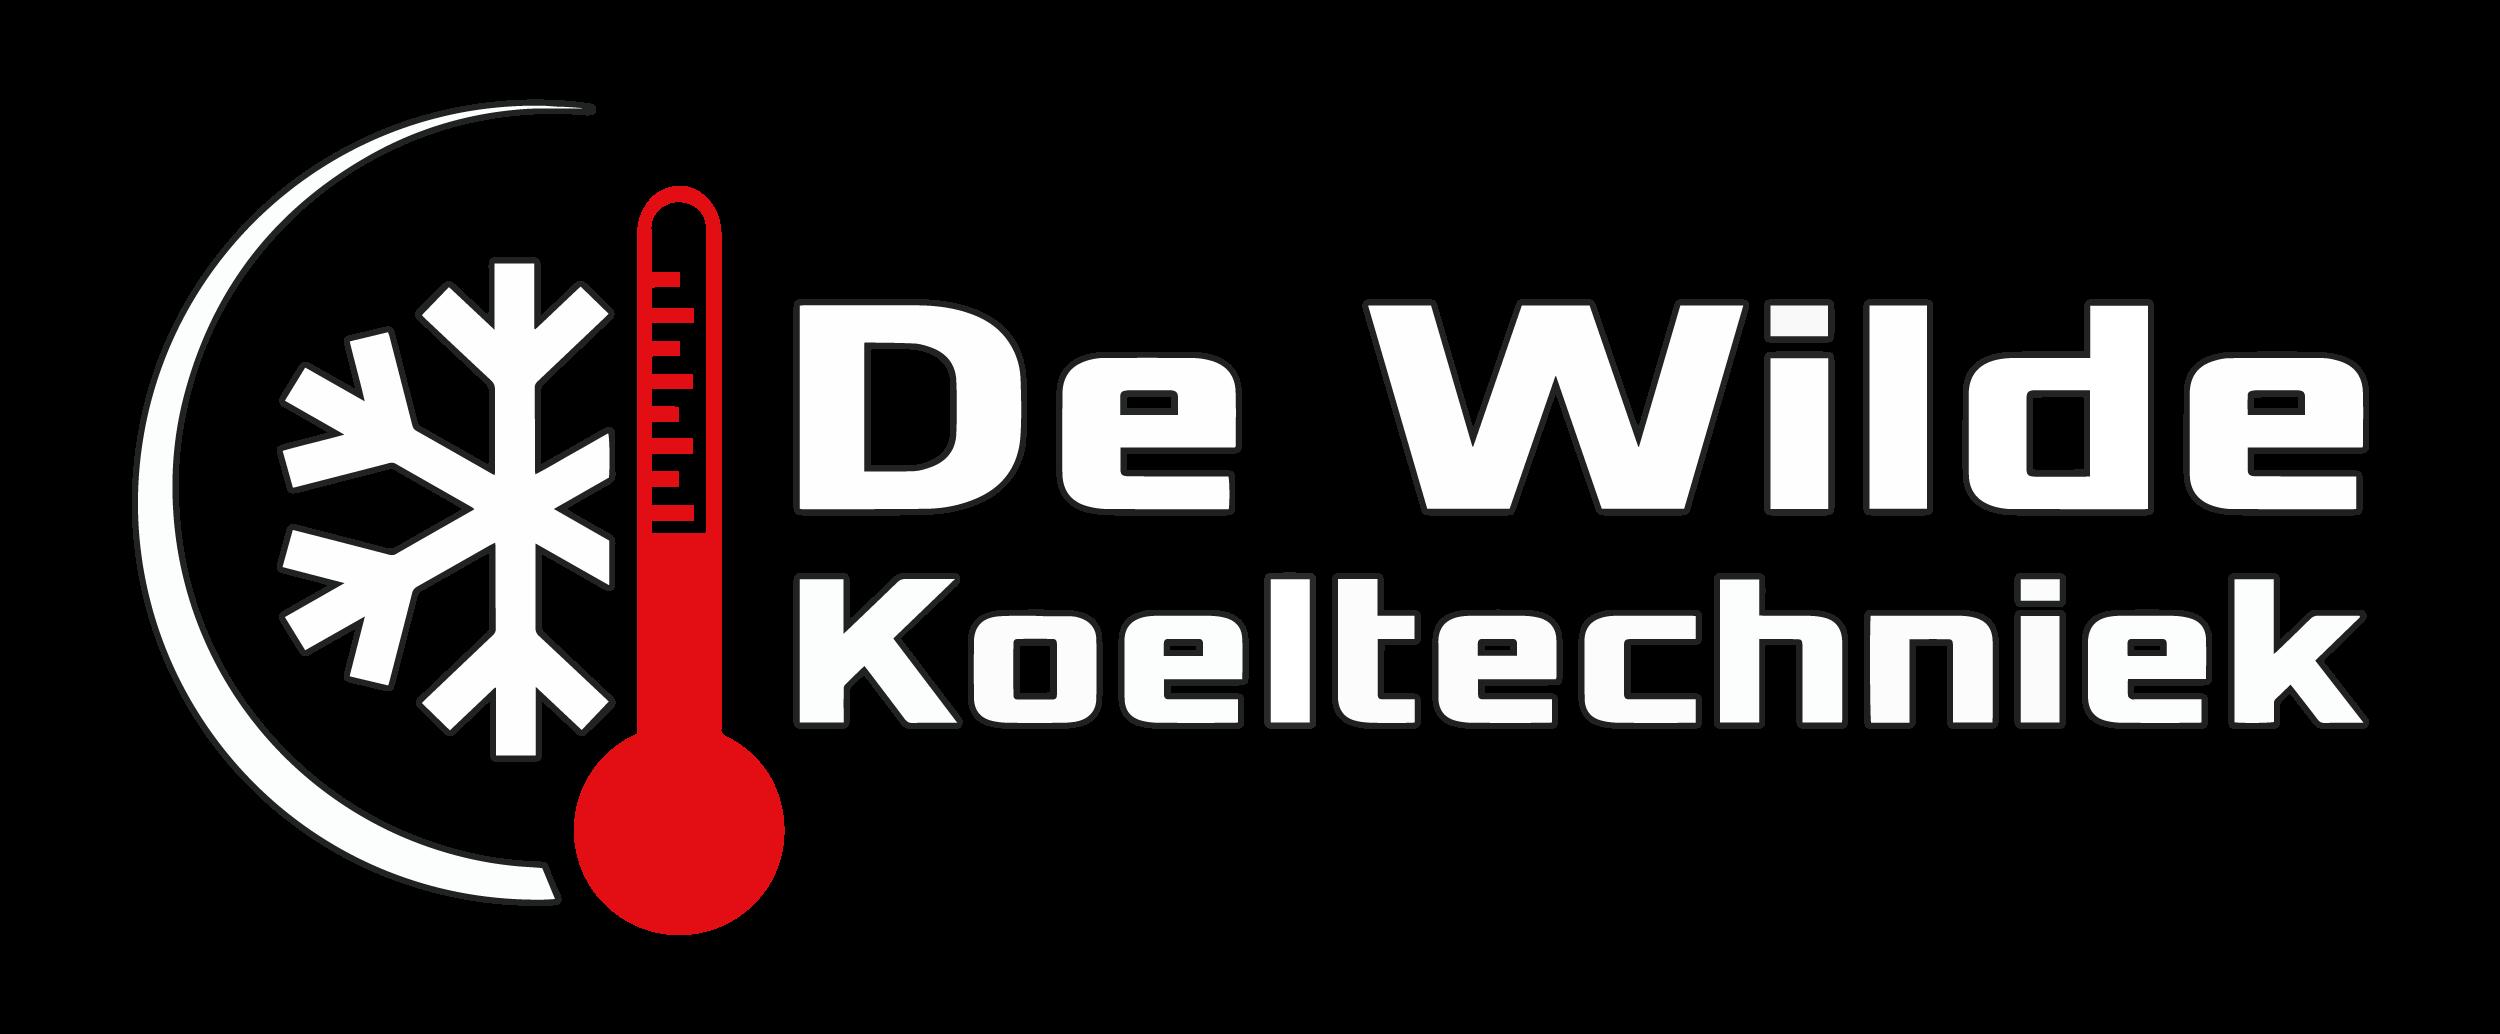 De Wilde Koeltechniek